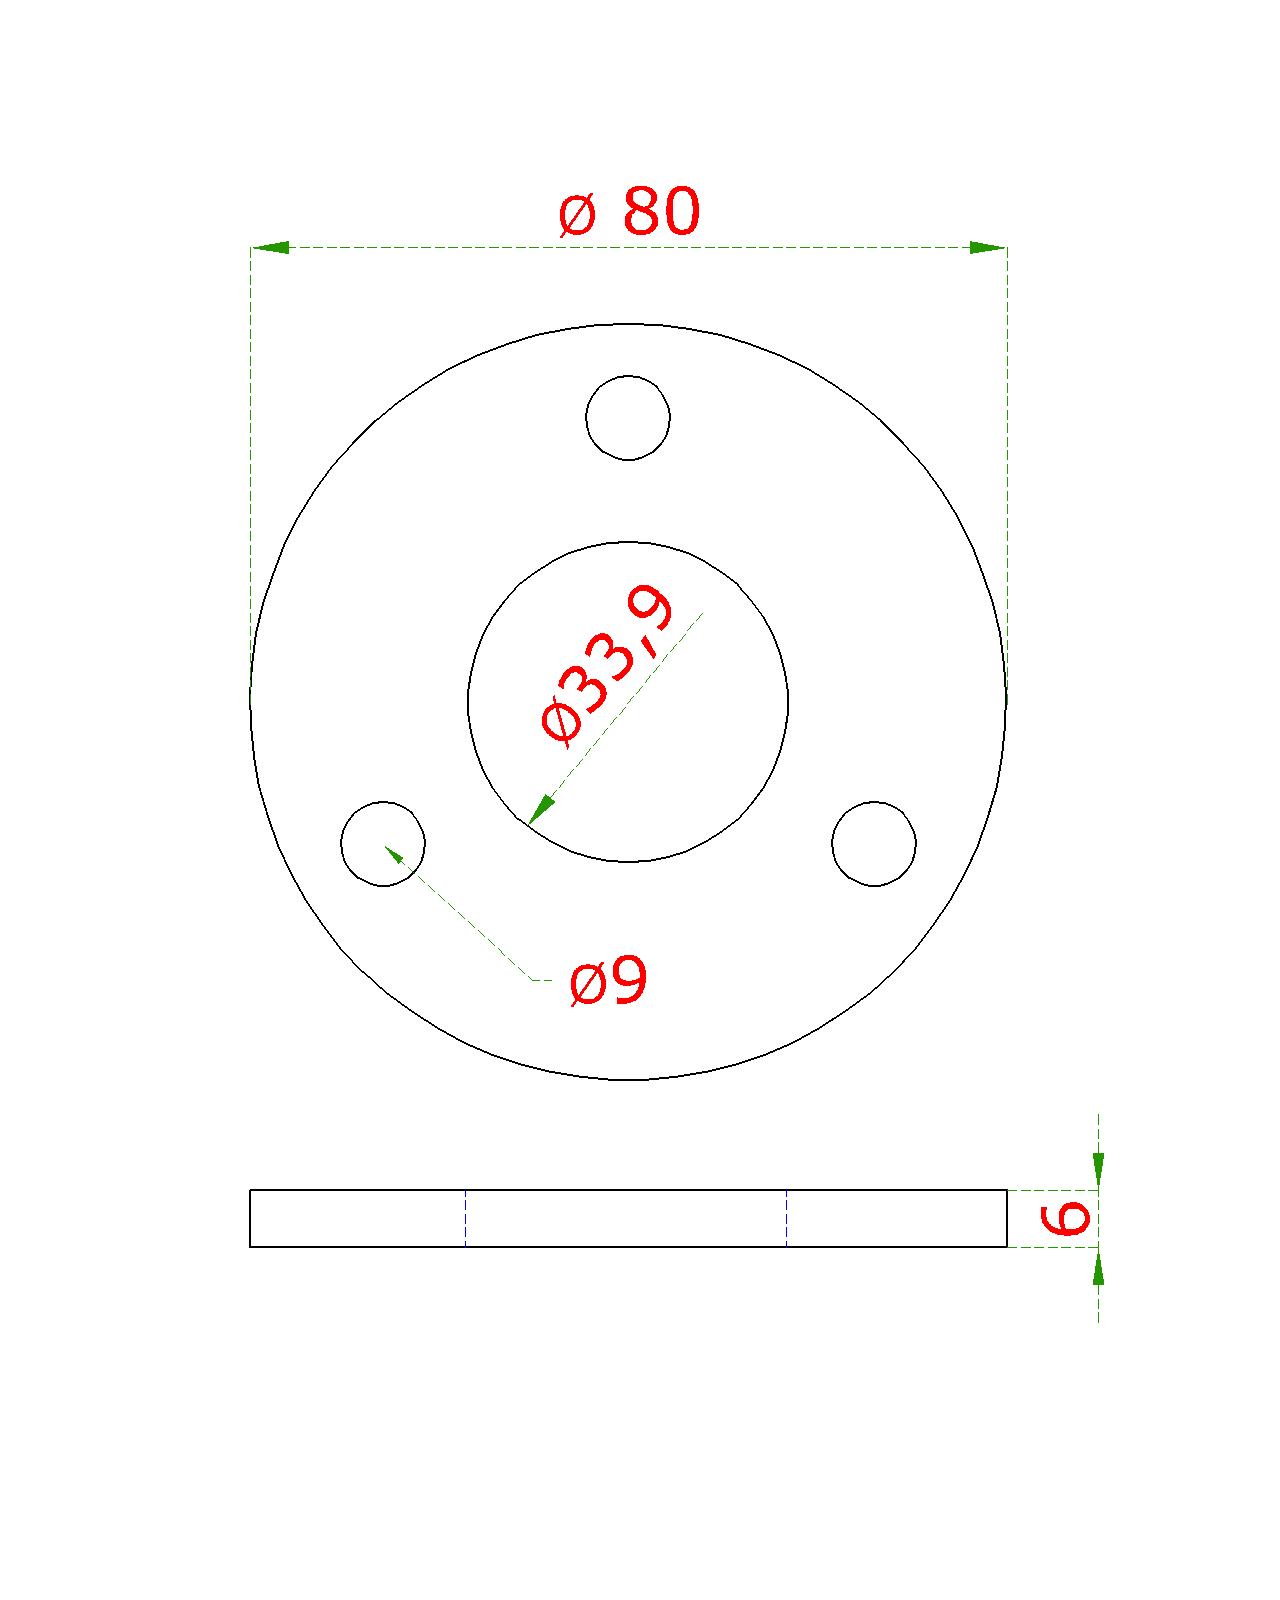 Kotevní deska (ø 80x6 mm) na trubku ø 33,7 mm (otvor ø 33,9 mm), bez povrchové úpravy /AISI304